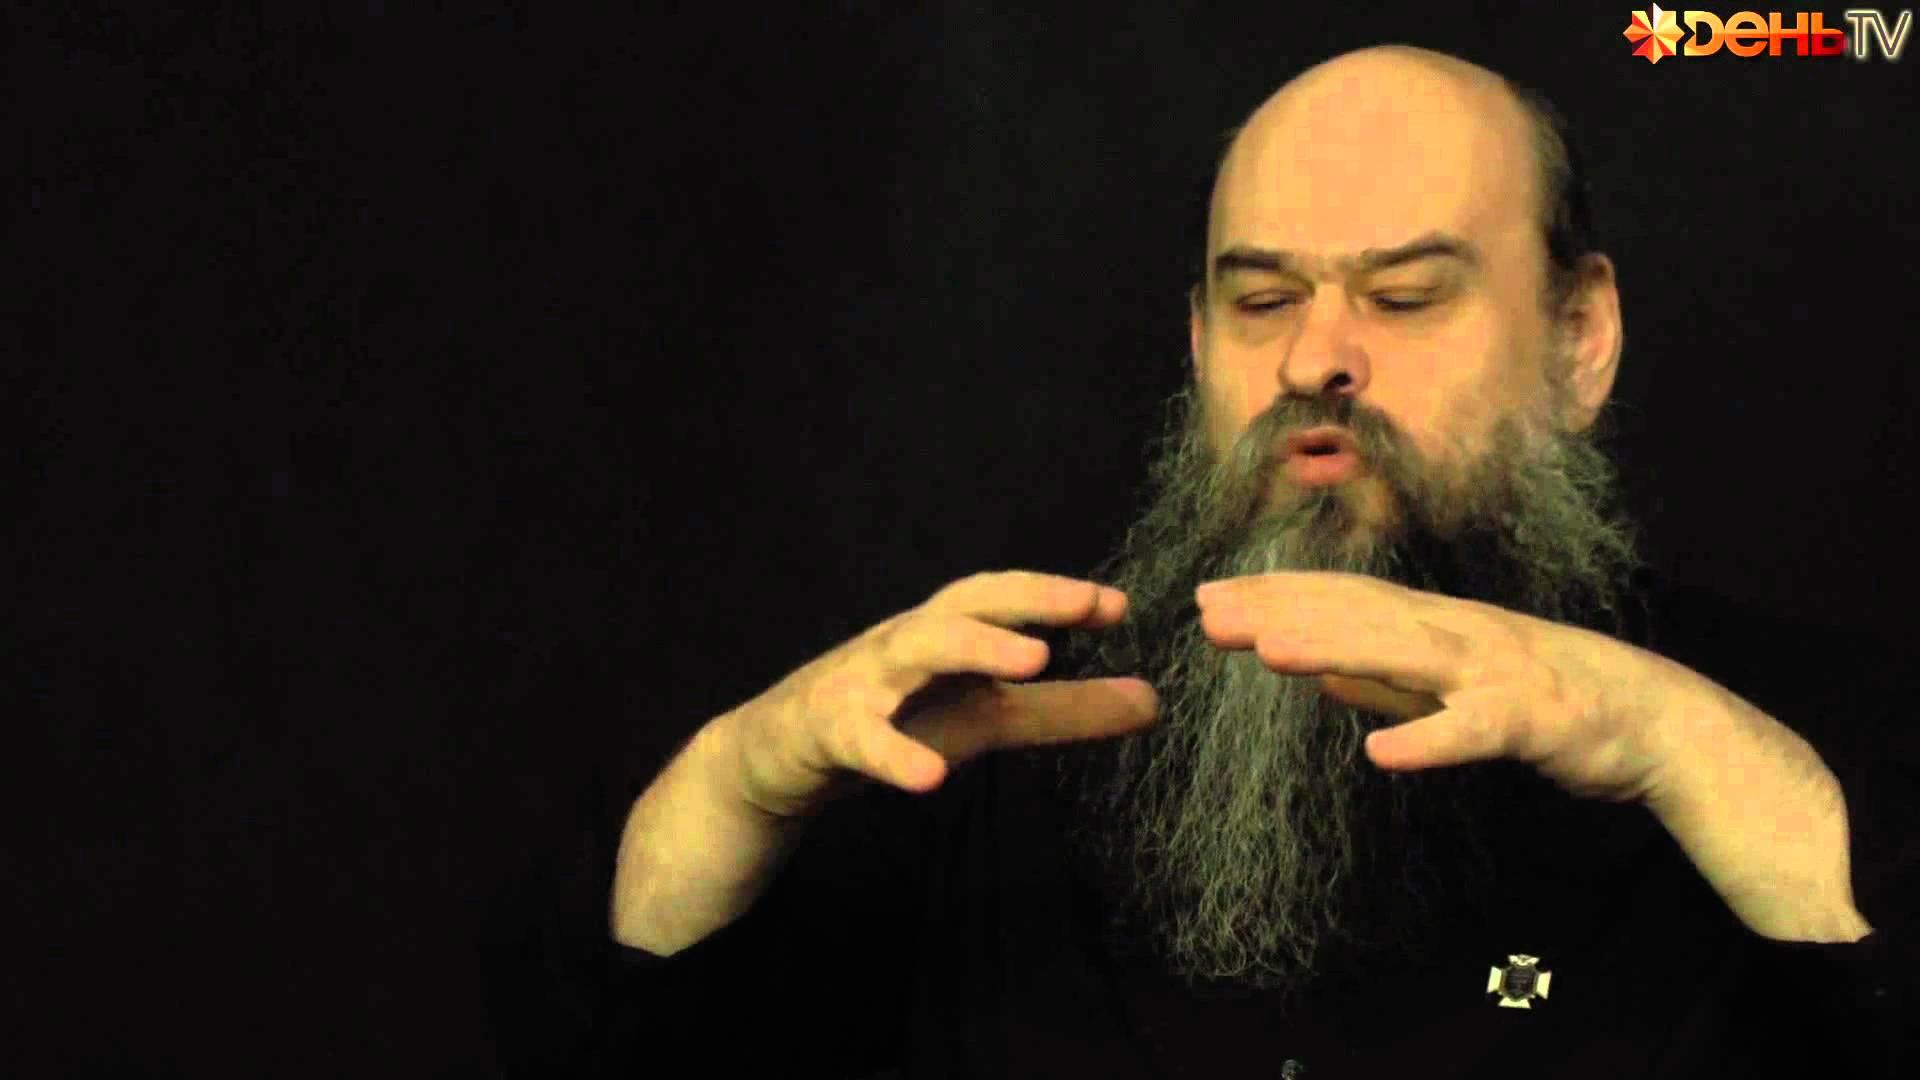 Константин Душенов: «Хроники необъявленной войны» (17.03.18)